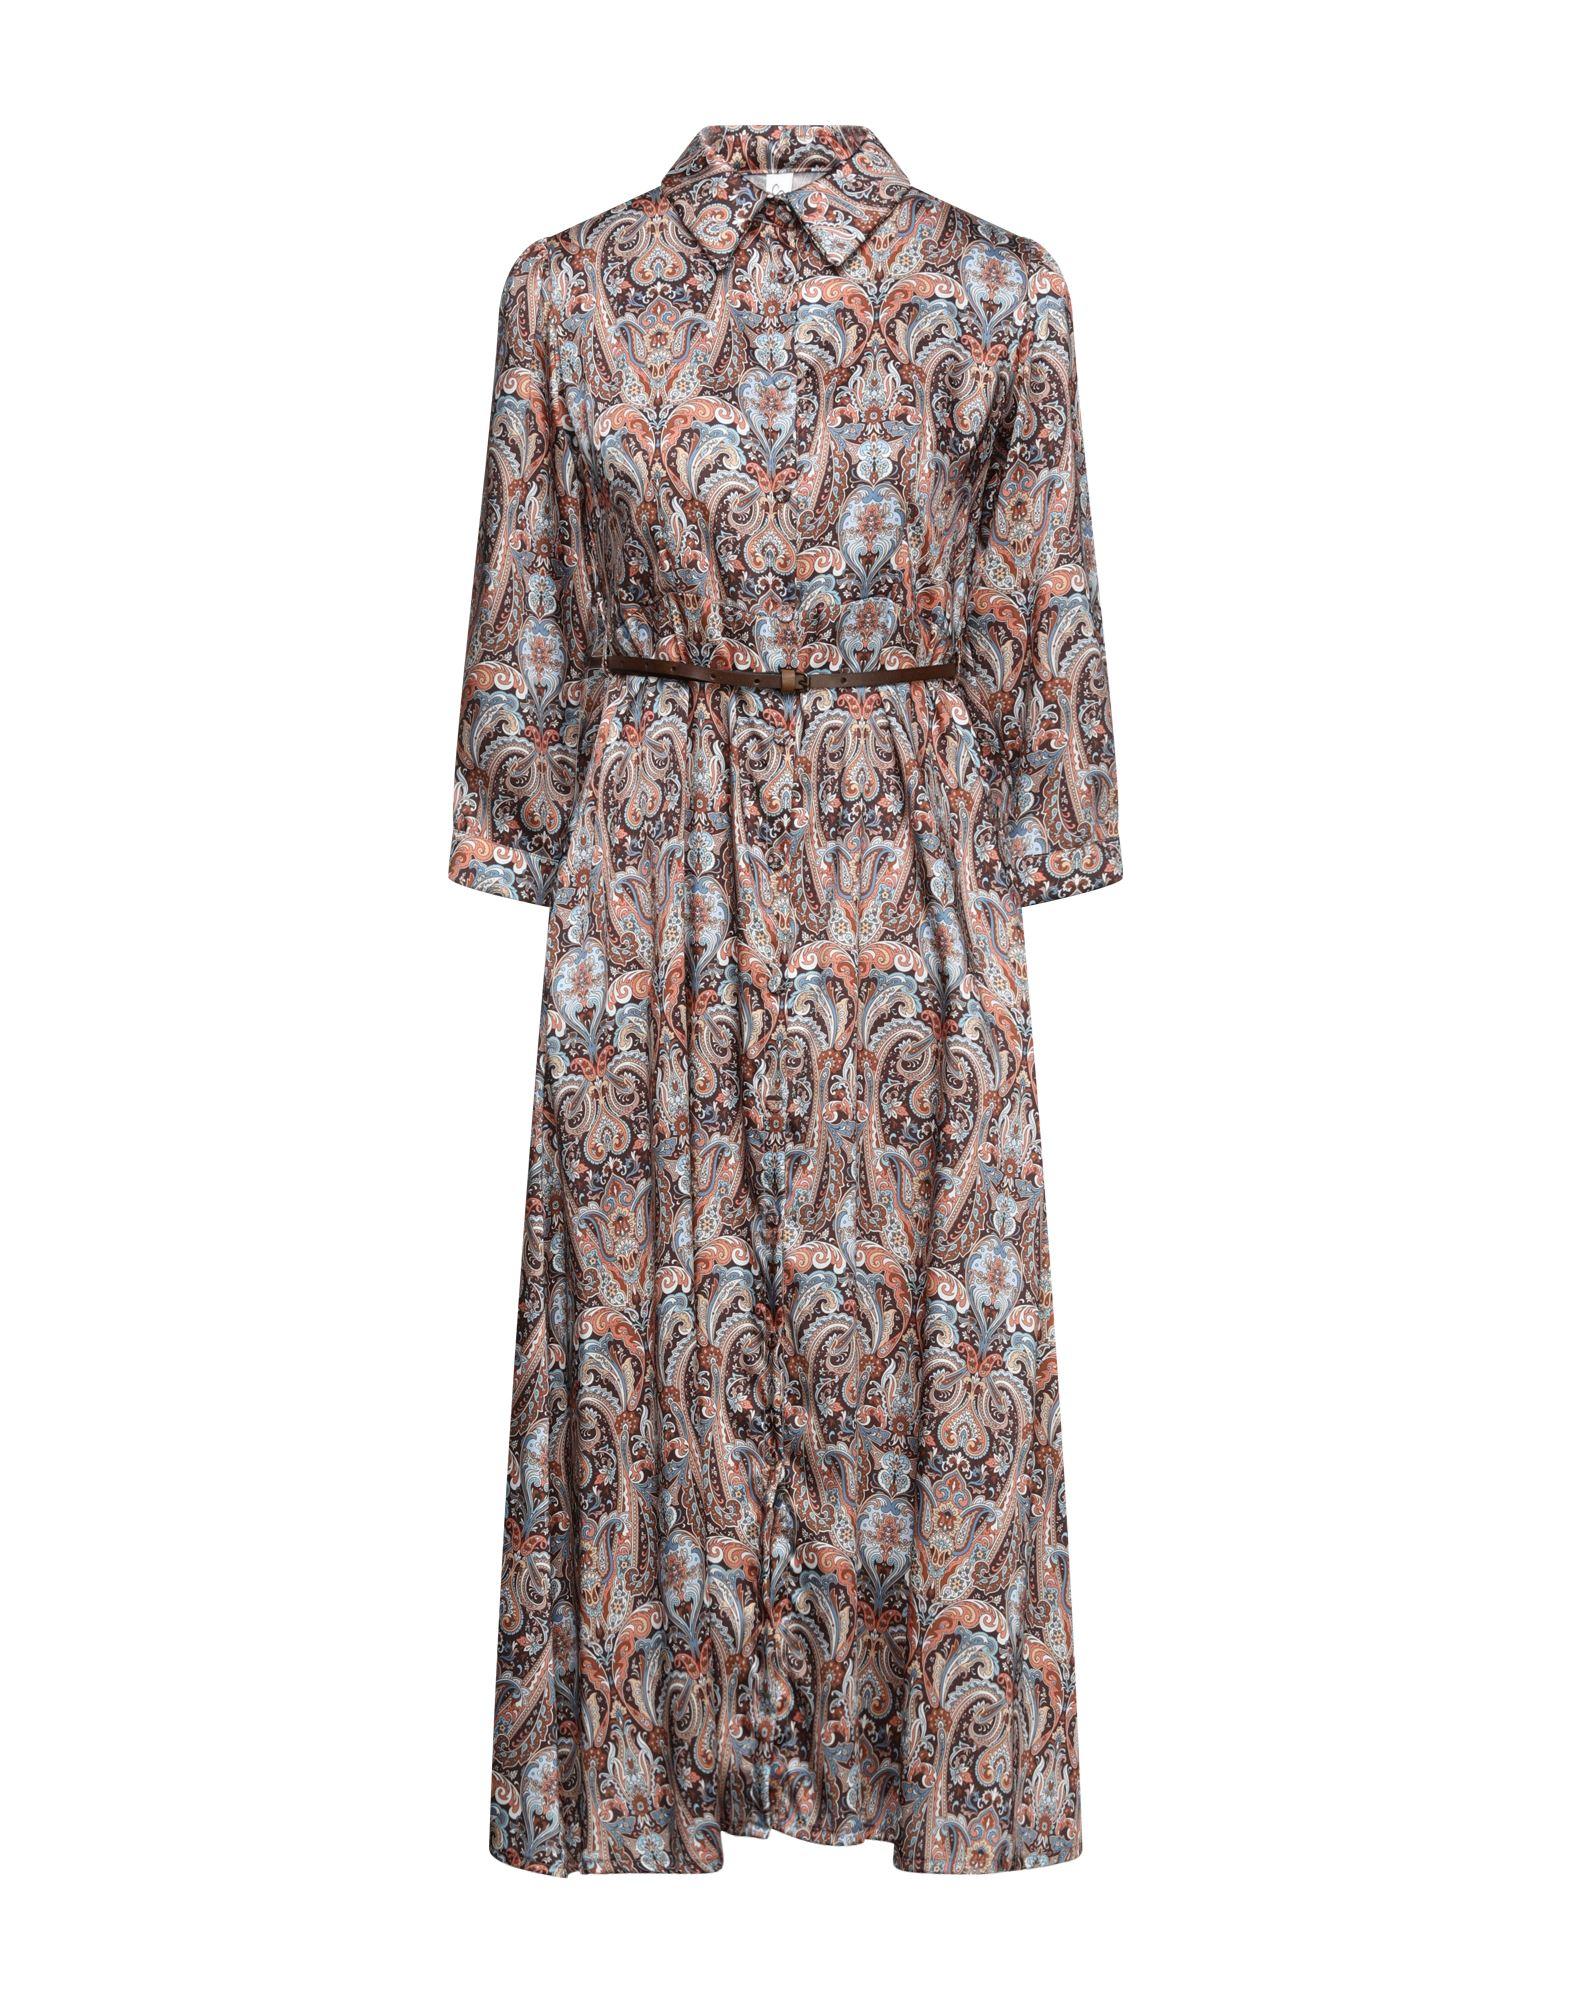 SOUVENIR Платье длиной 3/4 casasola платье длиной 3 4